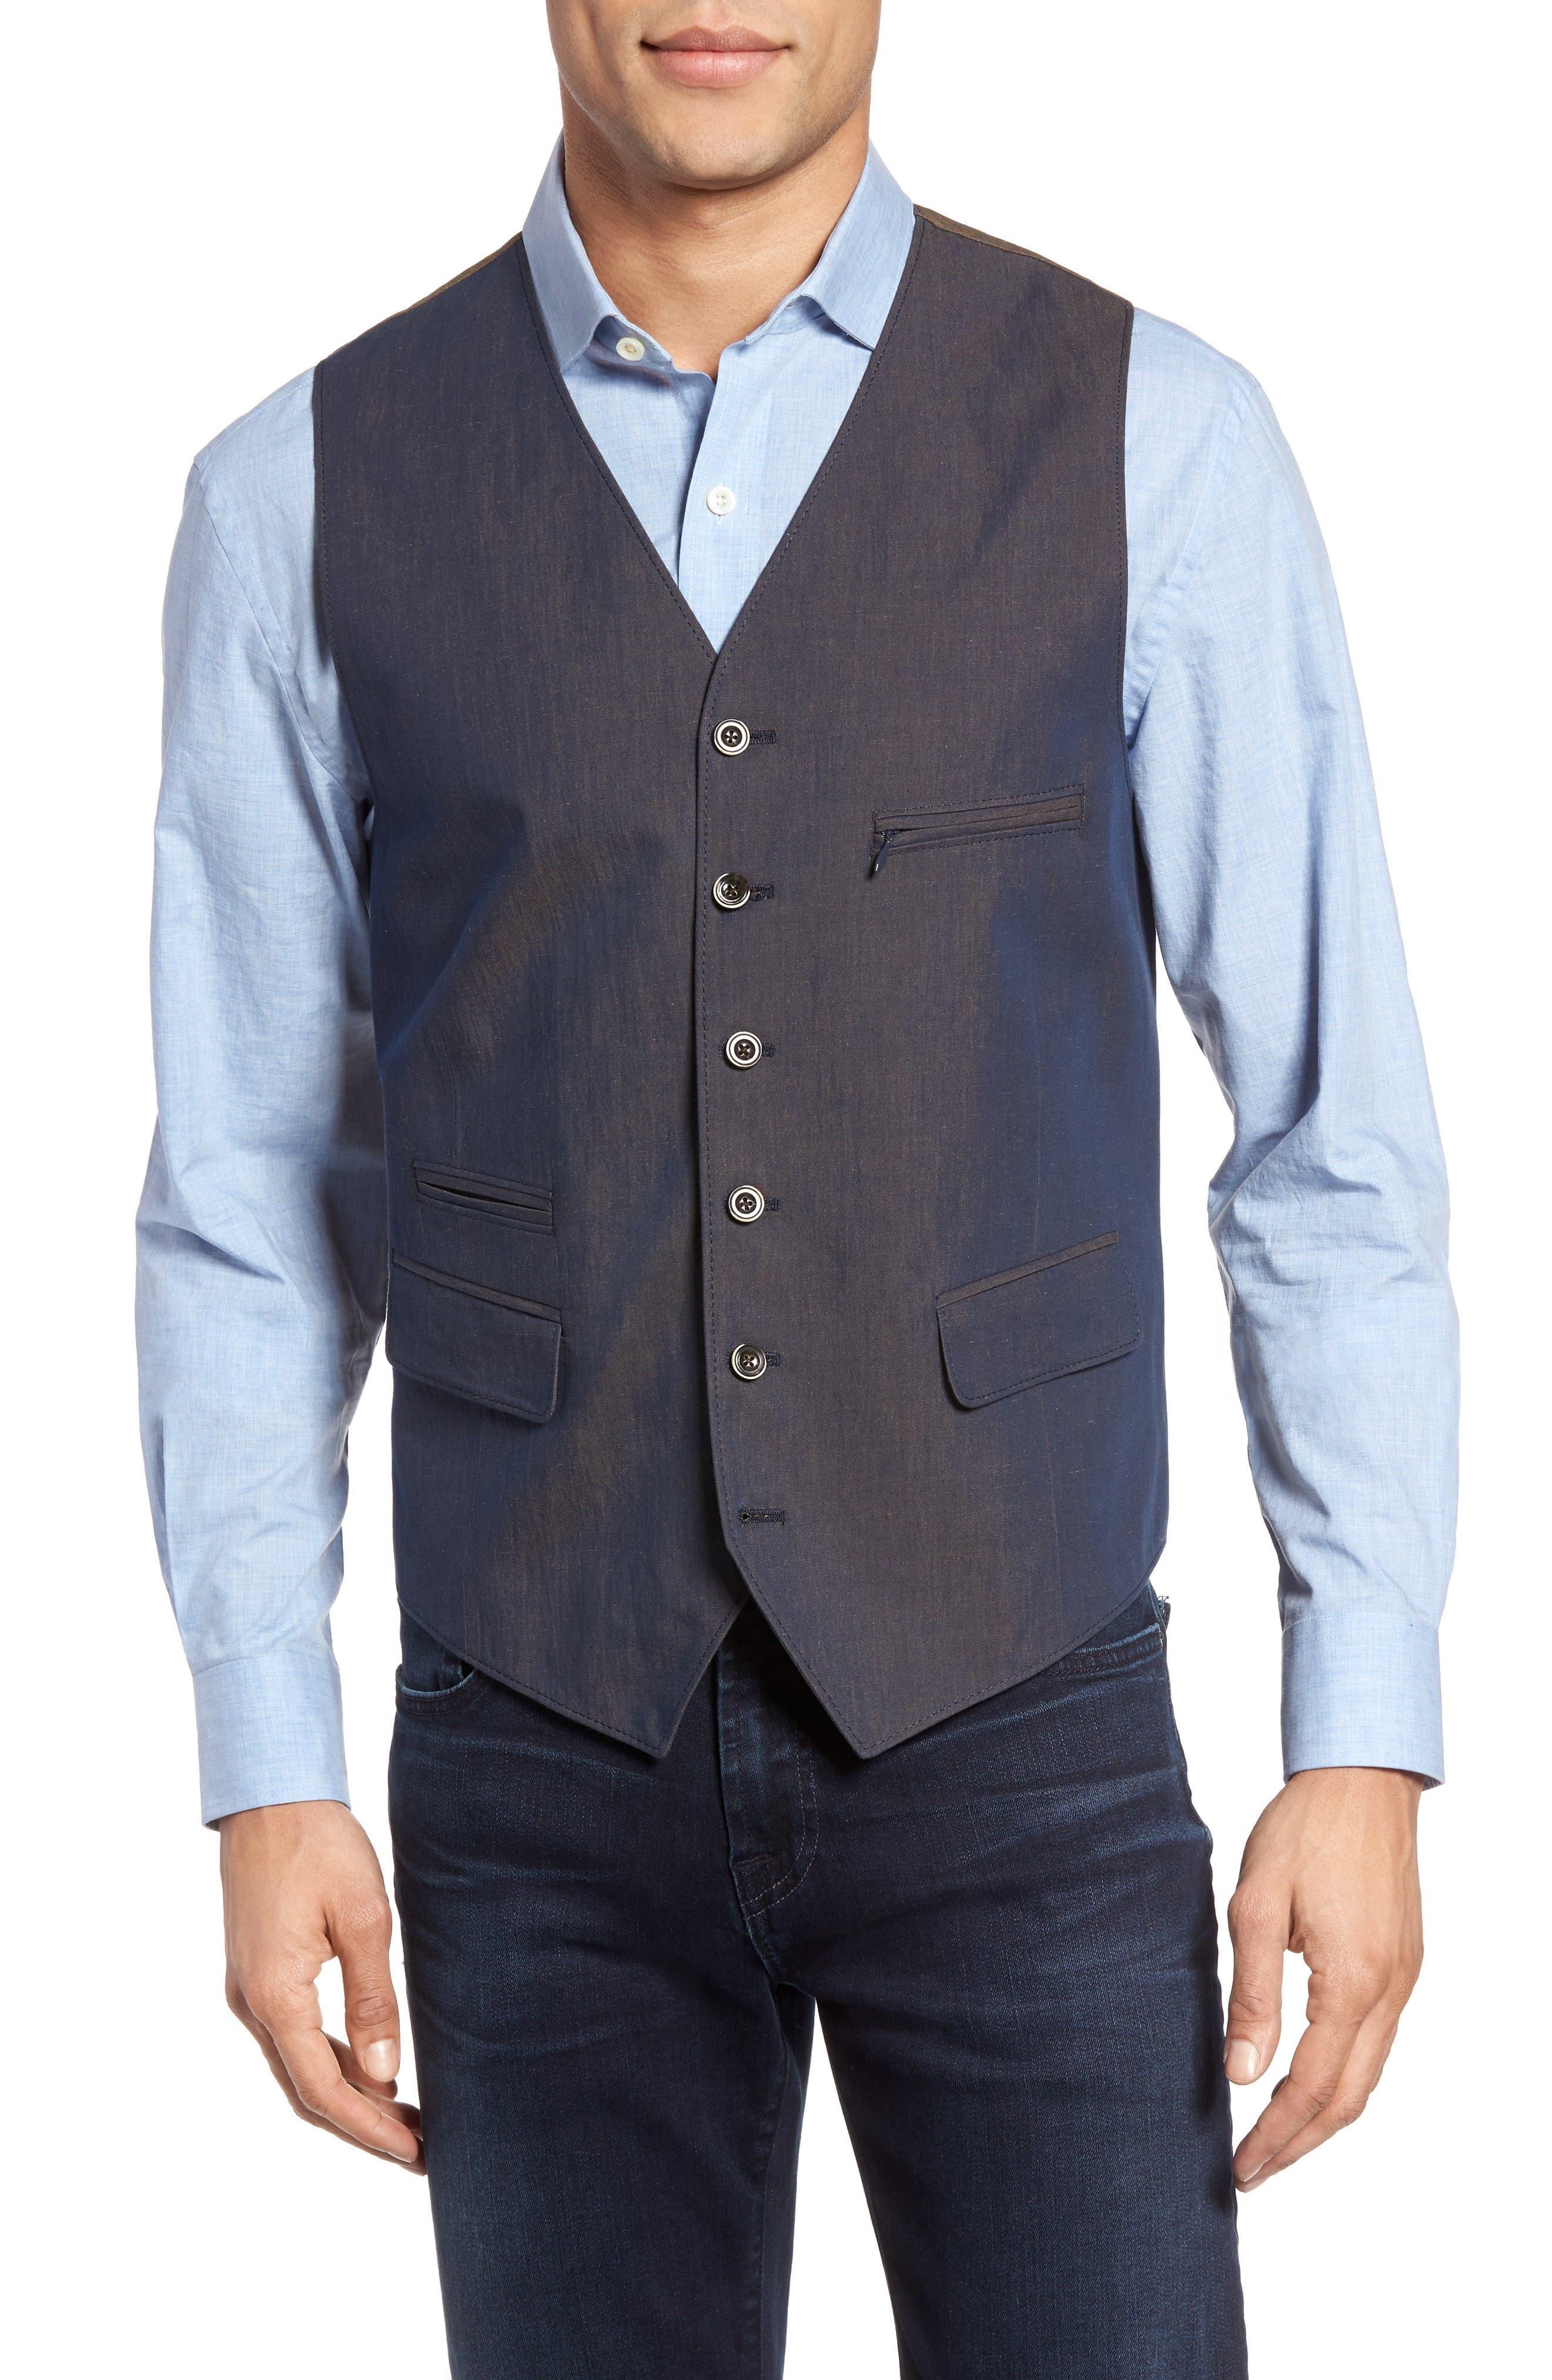 Hootie Classic Fit Linen & Cotton Vest,                         Main,                         color,